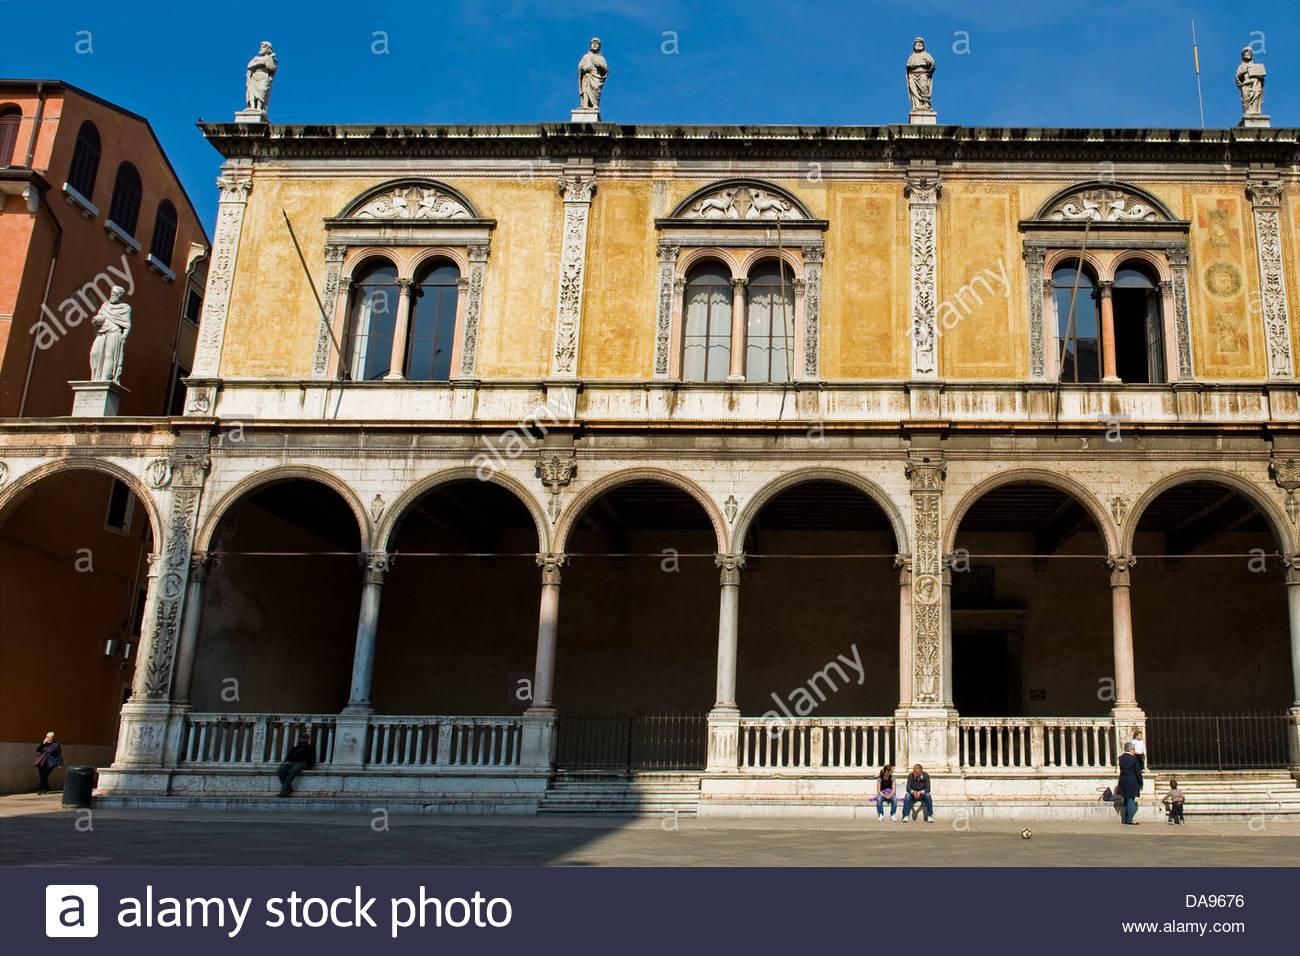 Loggia Fra' Giocondo,Piazza dei Signori,Signori square town,Verona,Veneto,Italy - Stock Image